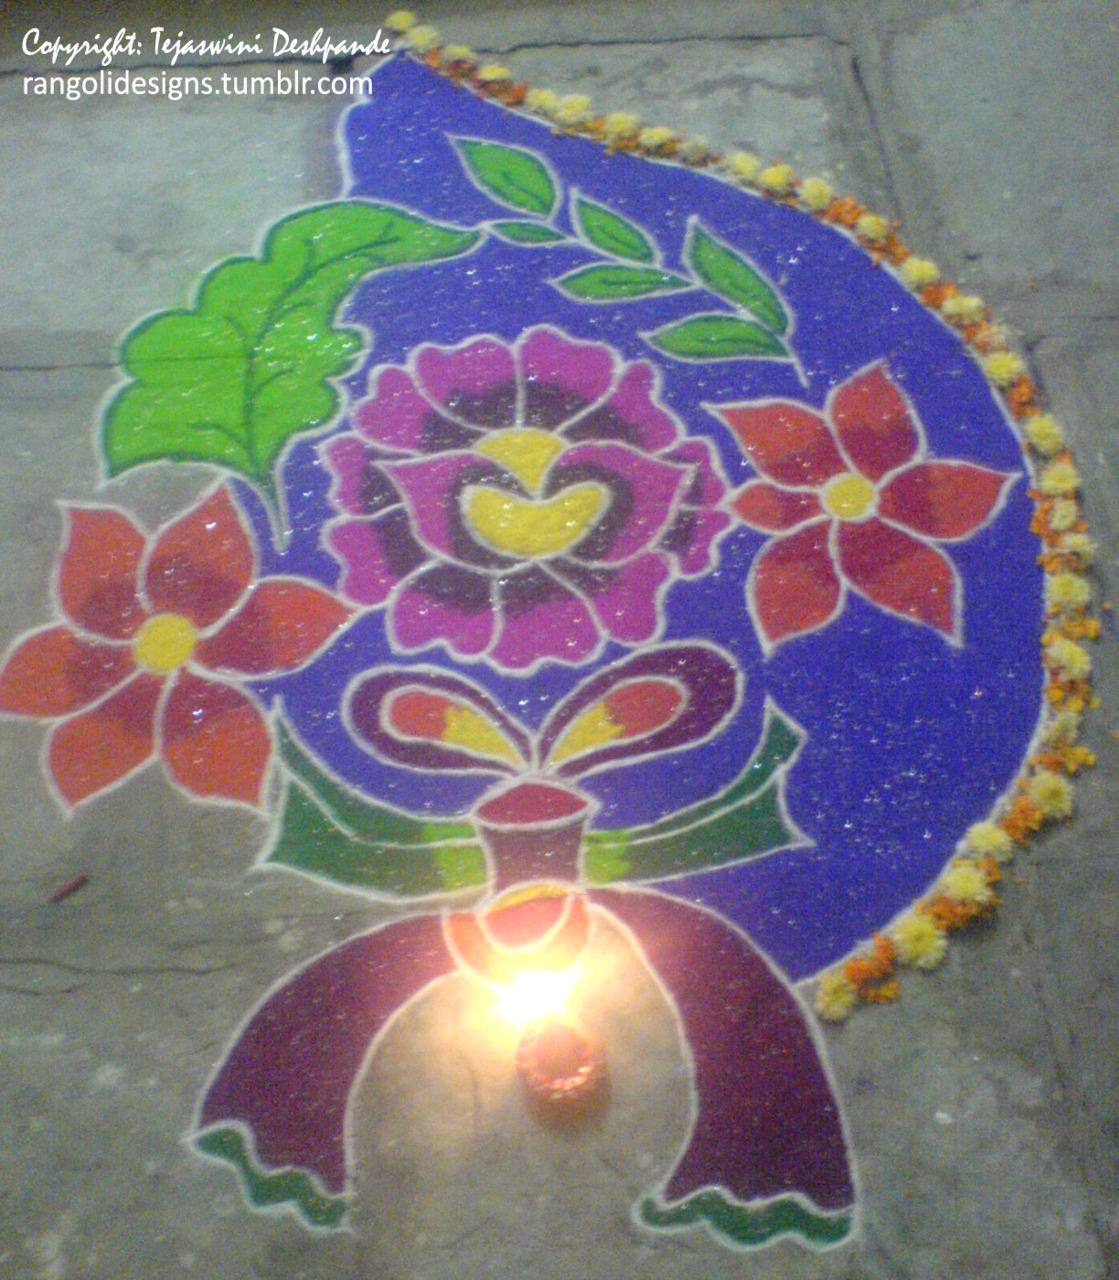 Rangoli Our Culture Through Designs